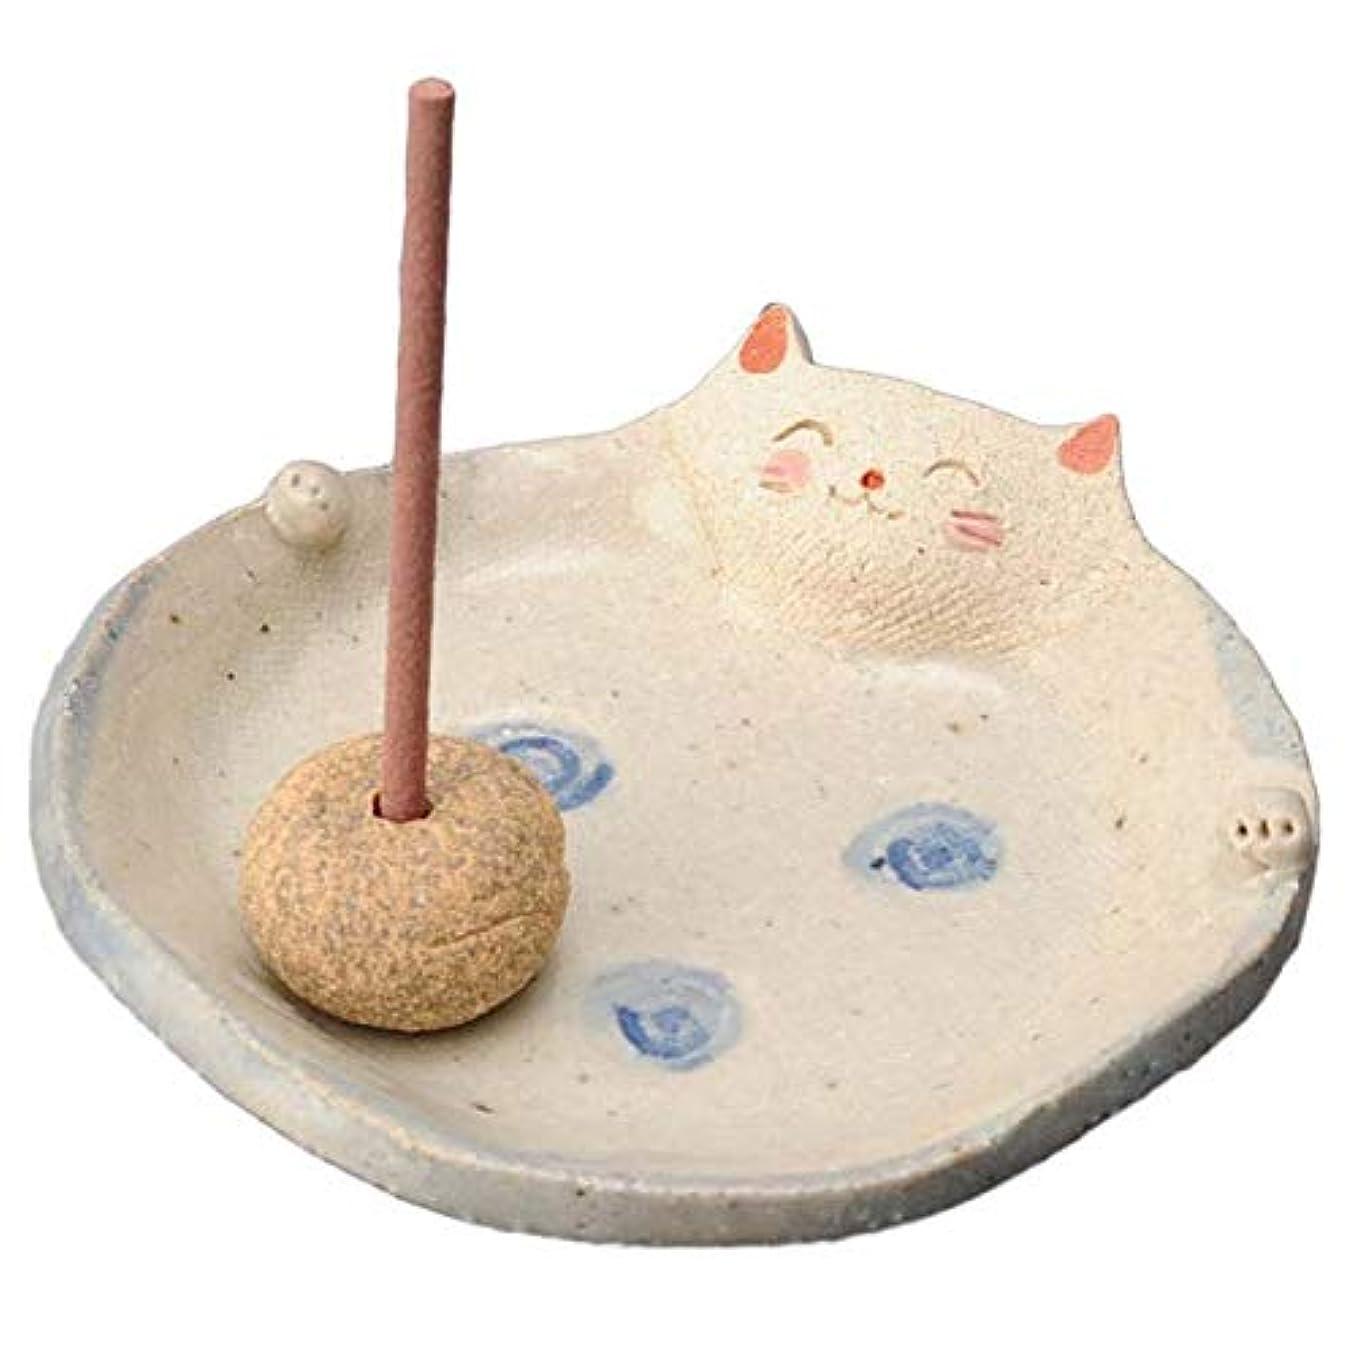 横たわる飢えメンテナンス手造り 香皿 香立て/ふっくら 香皿(ネコ) /香り アロマ 癒やし リラックス インテリア プレゼント 贈り物